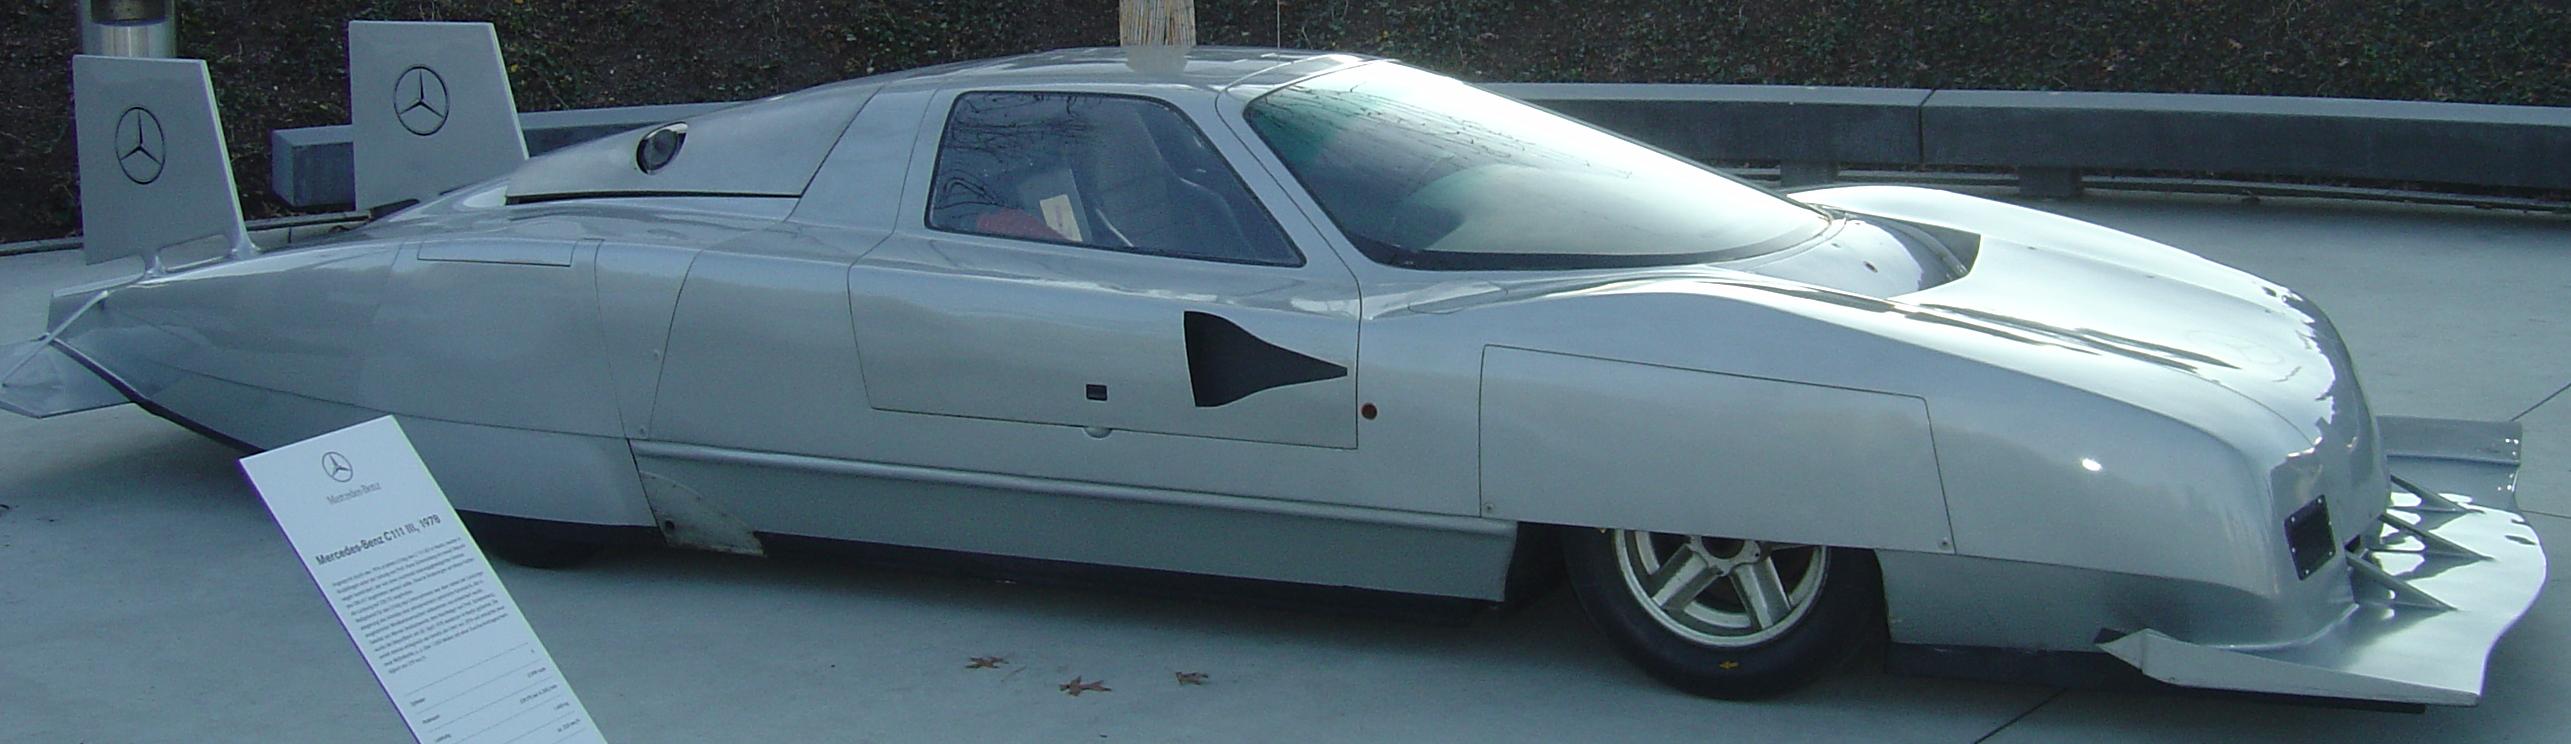 Plik:Mercedes benz c111 IV.JPG – Wikipedia, wolna encyklopedia